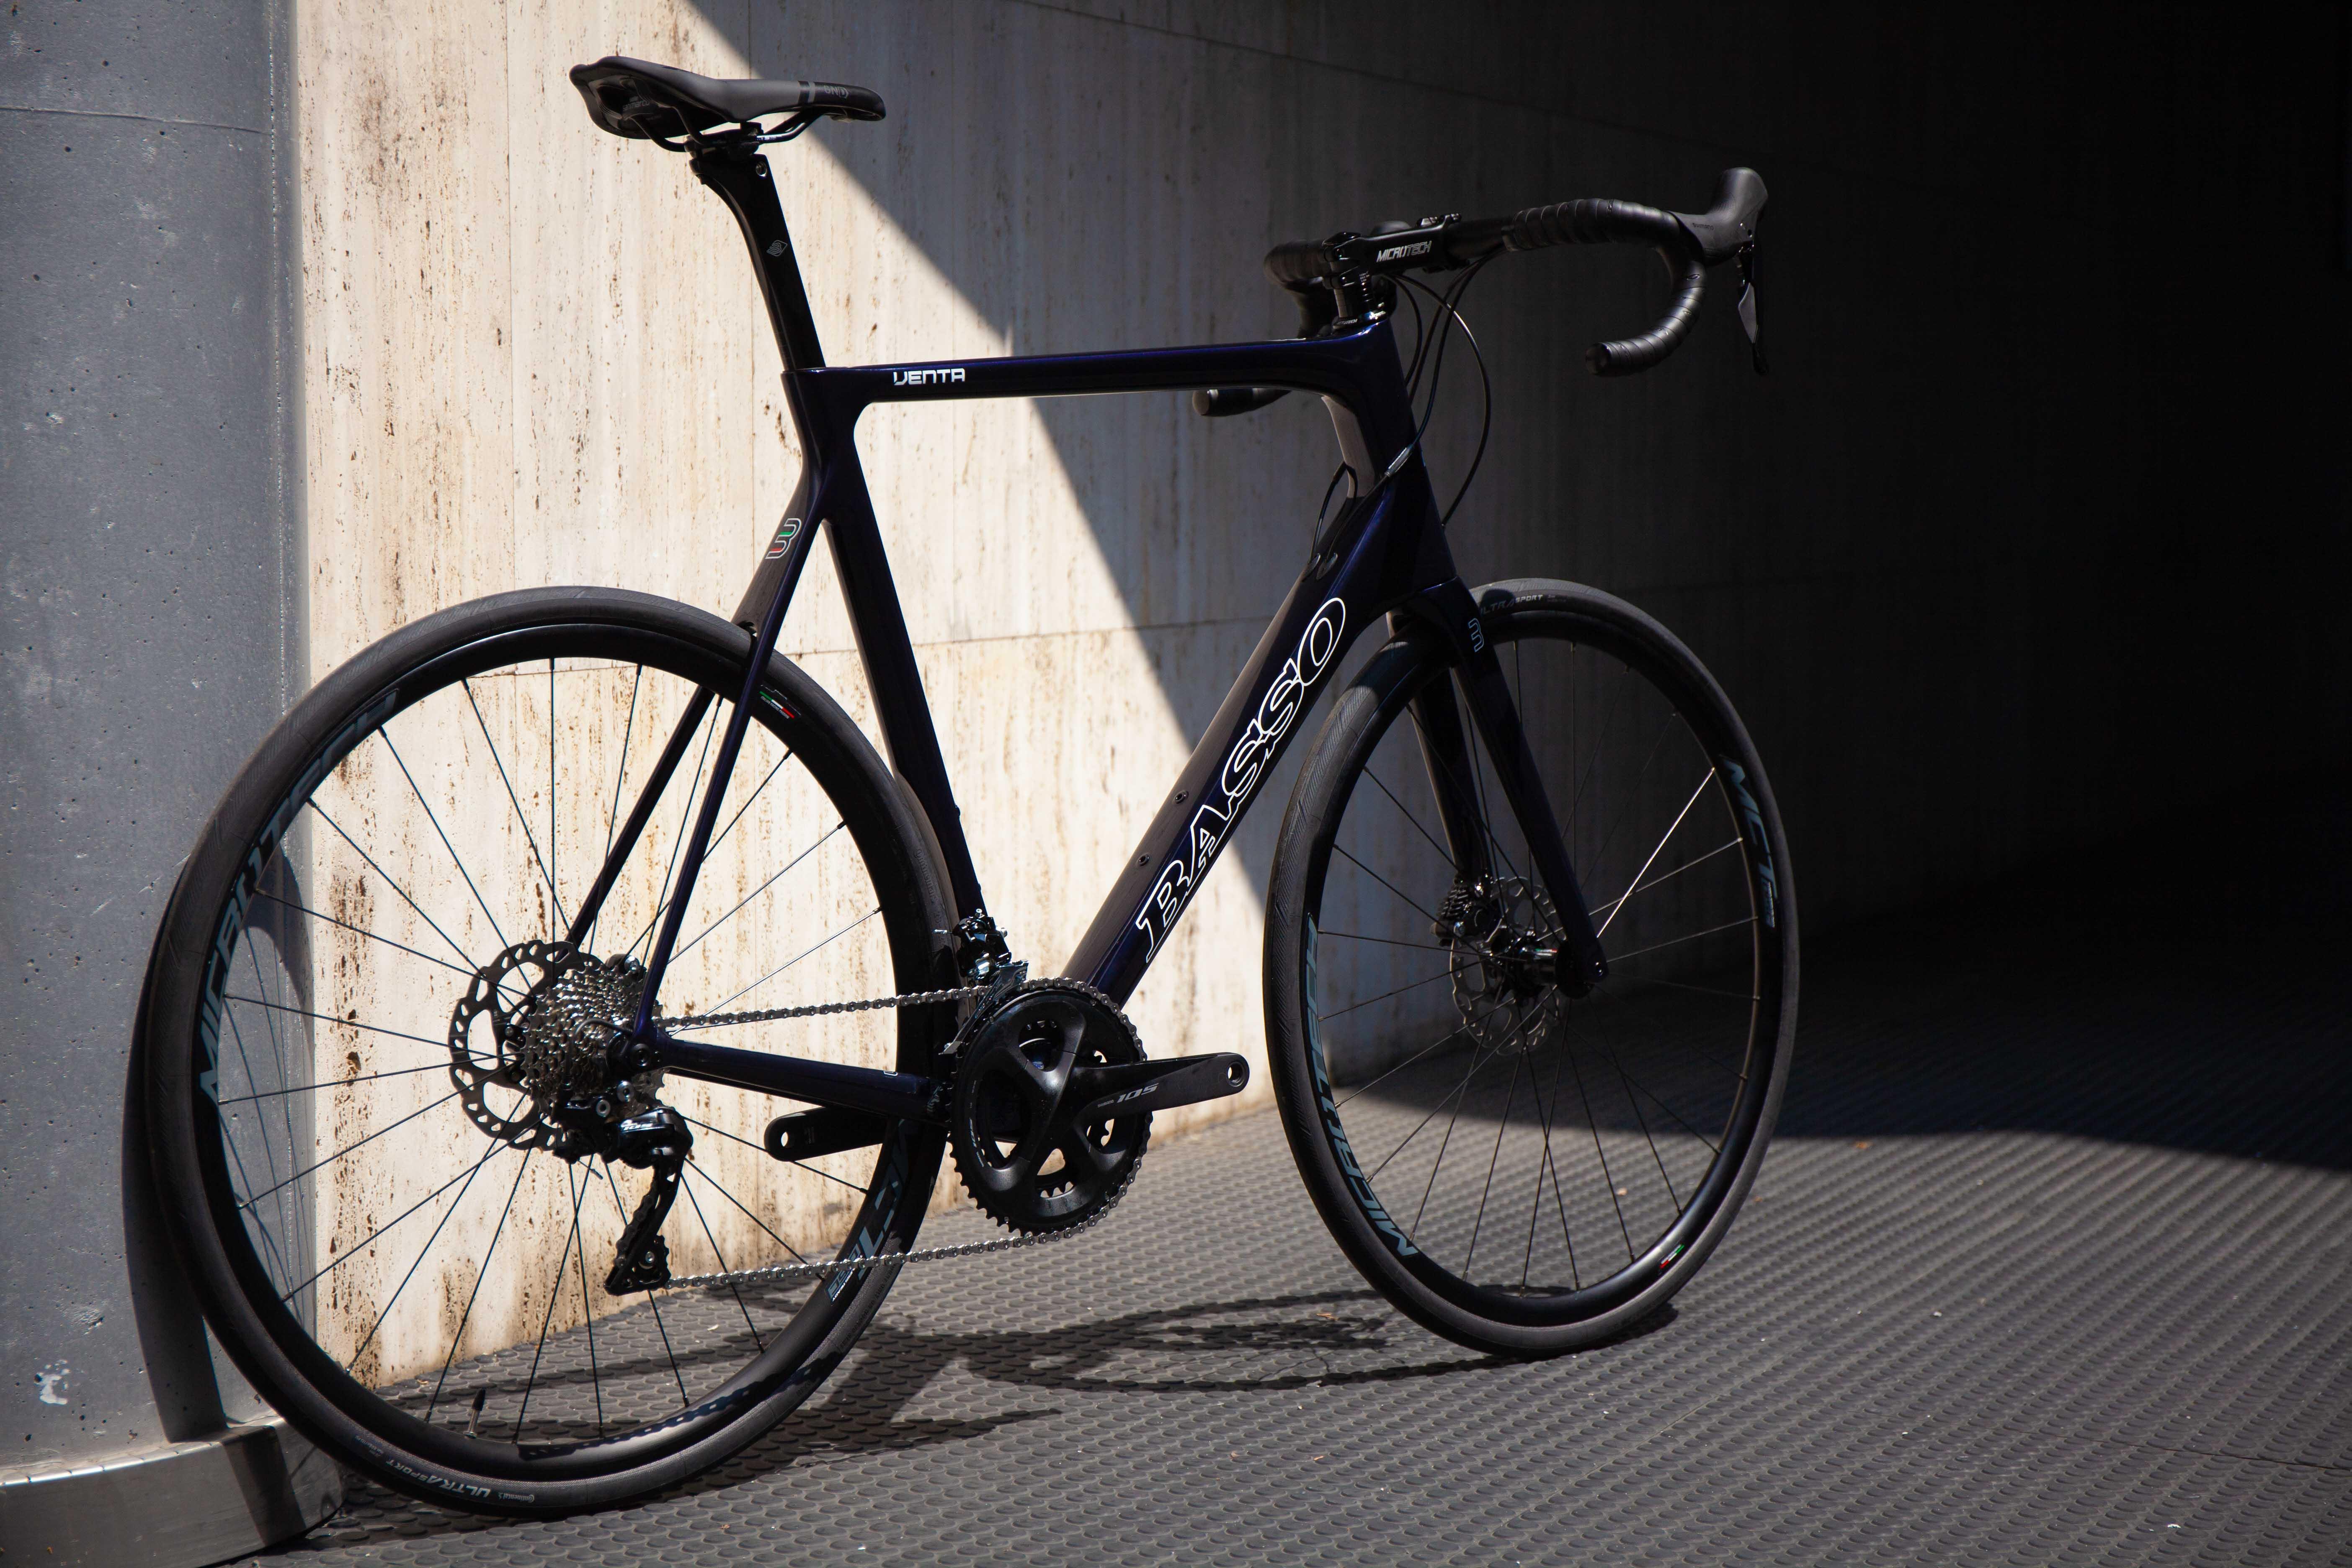 Cicli Corsa Basso Venta Disc 61 purple-6